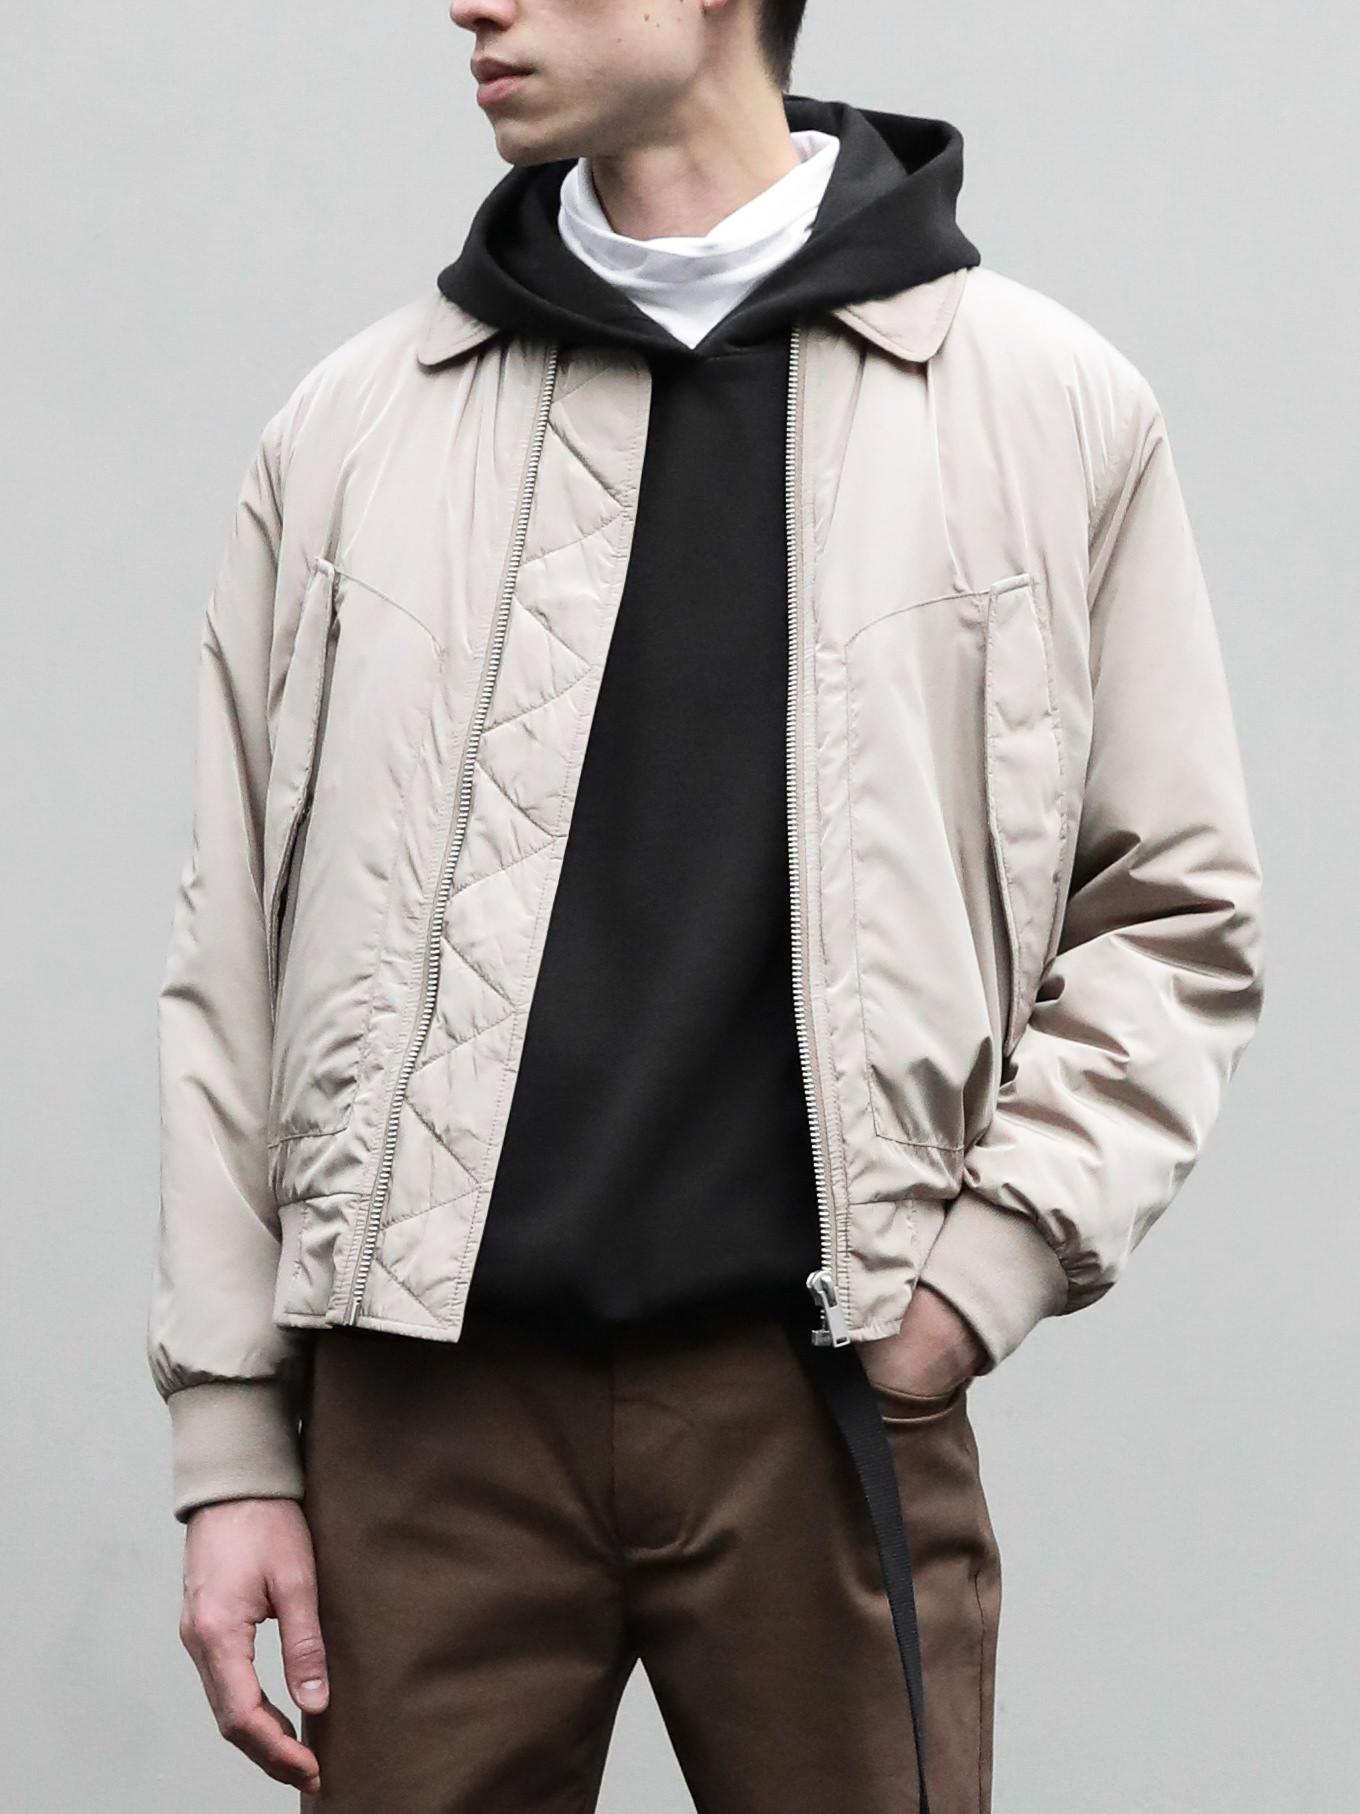 Mens basic jacket 2657 minimal casual clothing